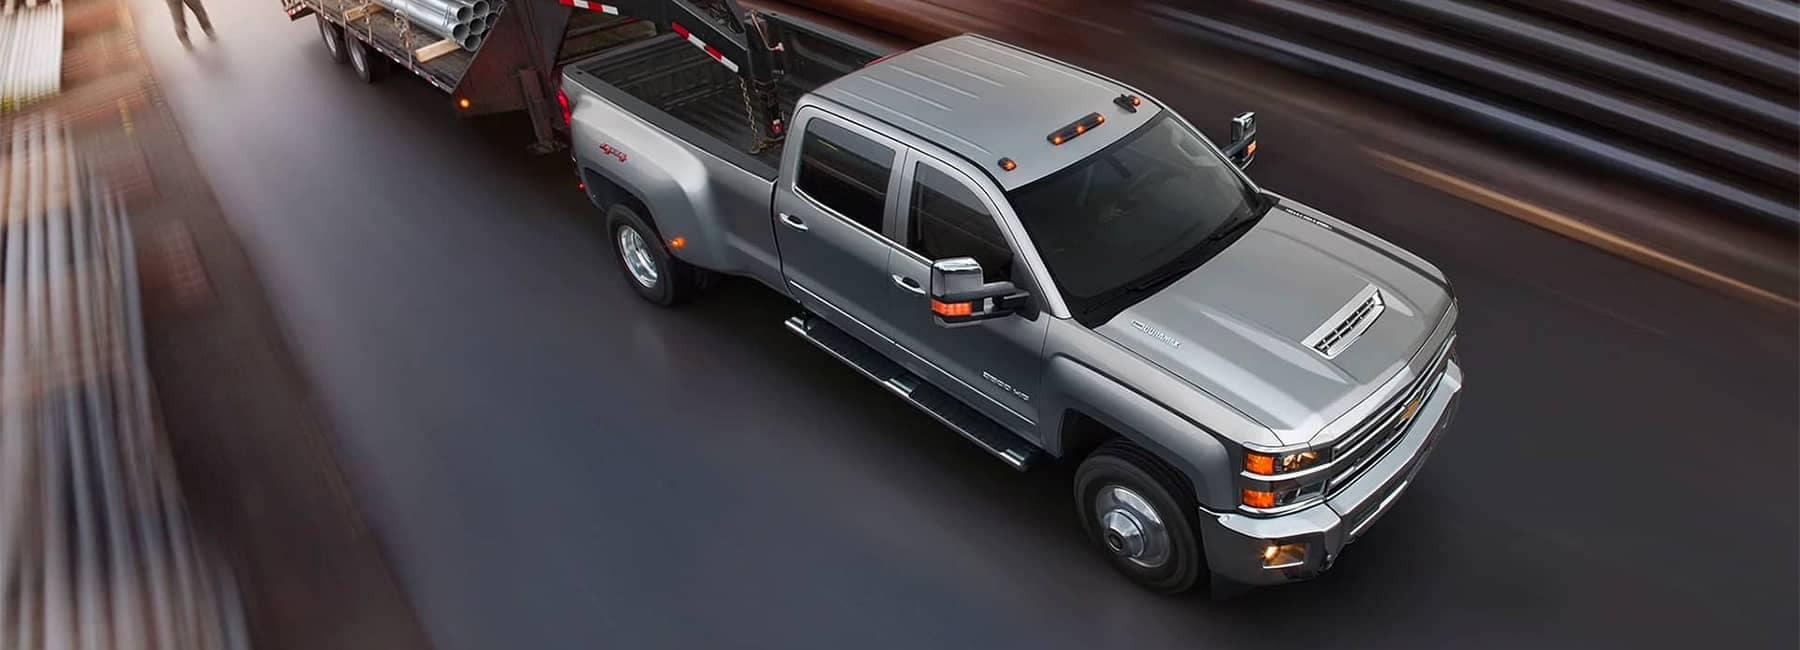 2019 Silverado HD Heavy Duty Truck Exterior Top View Towing